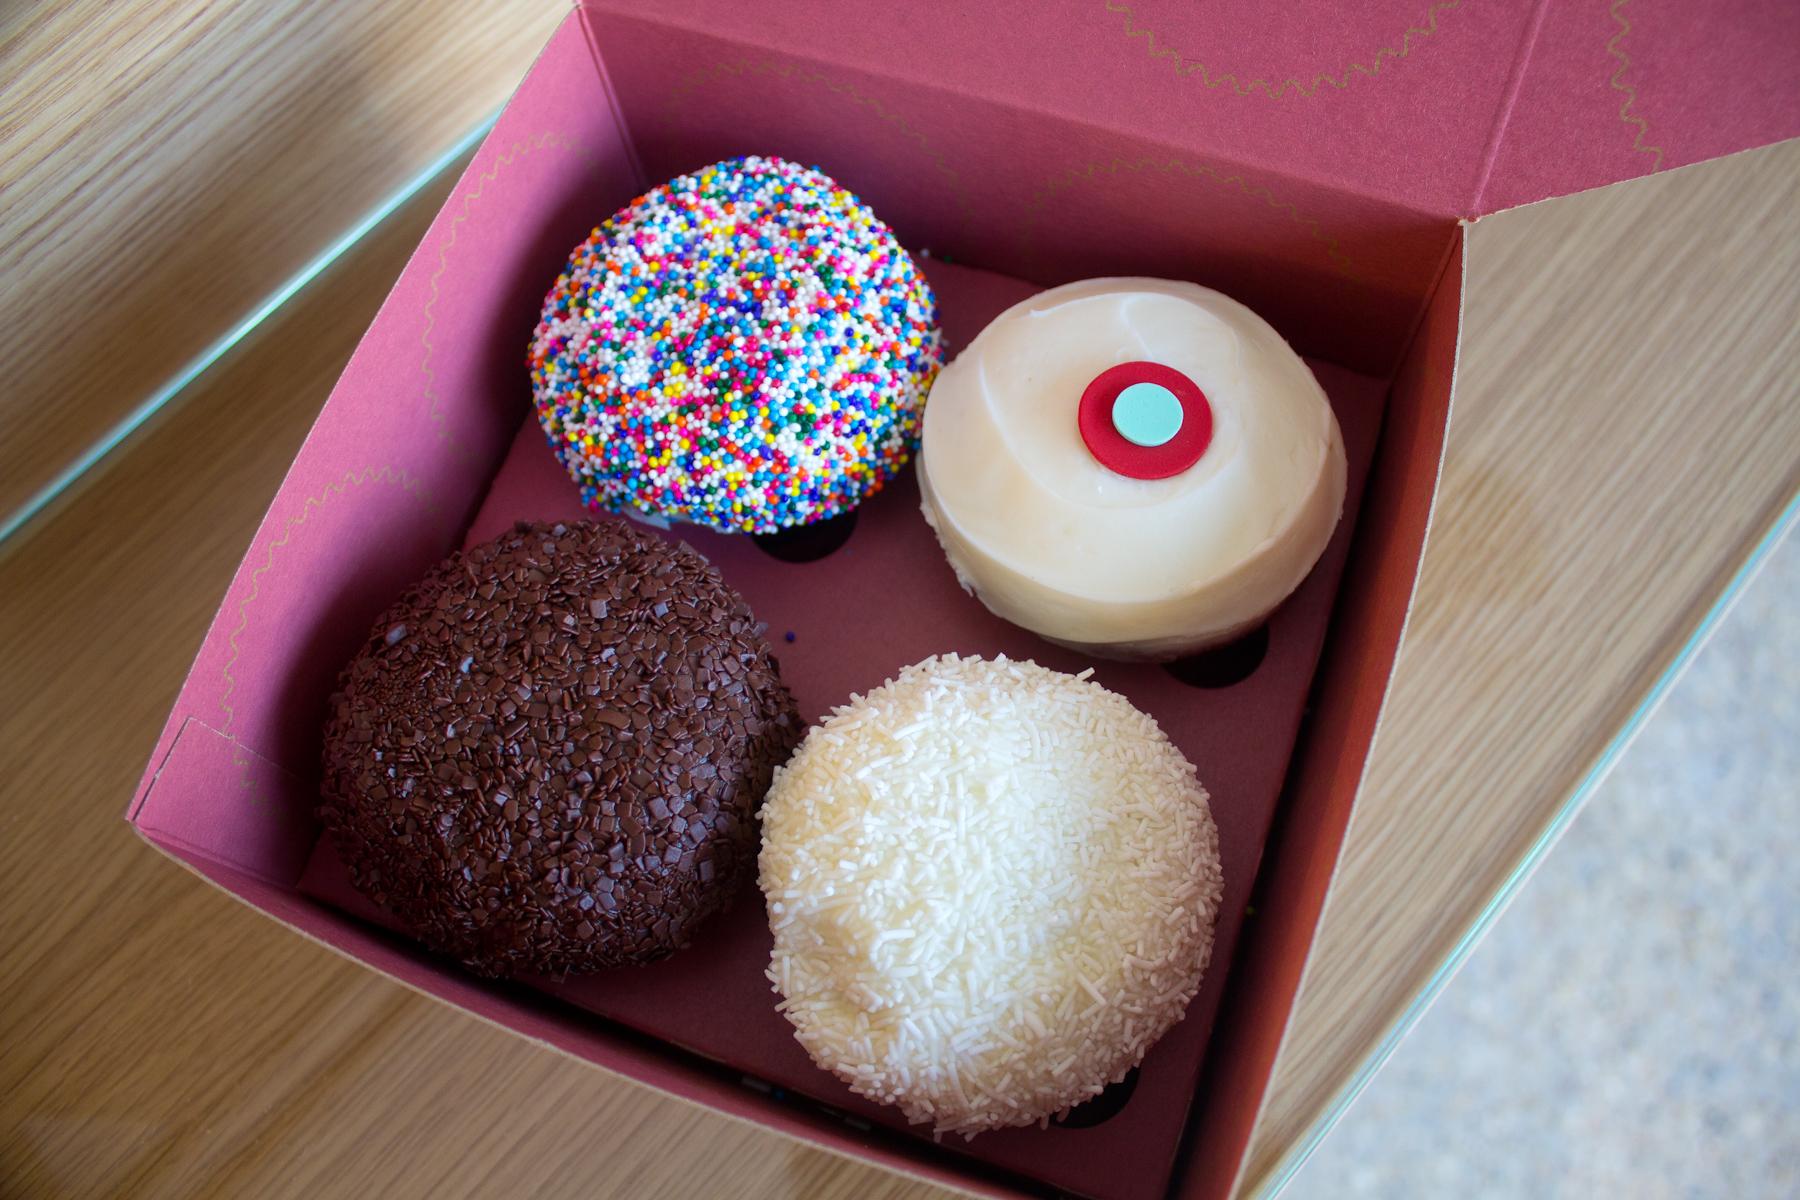 Sprinkles' cupcakes